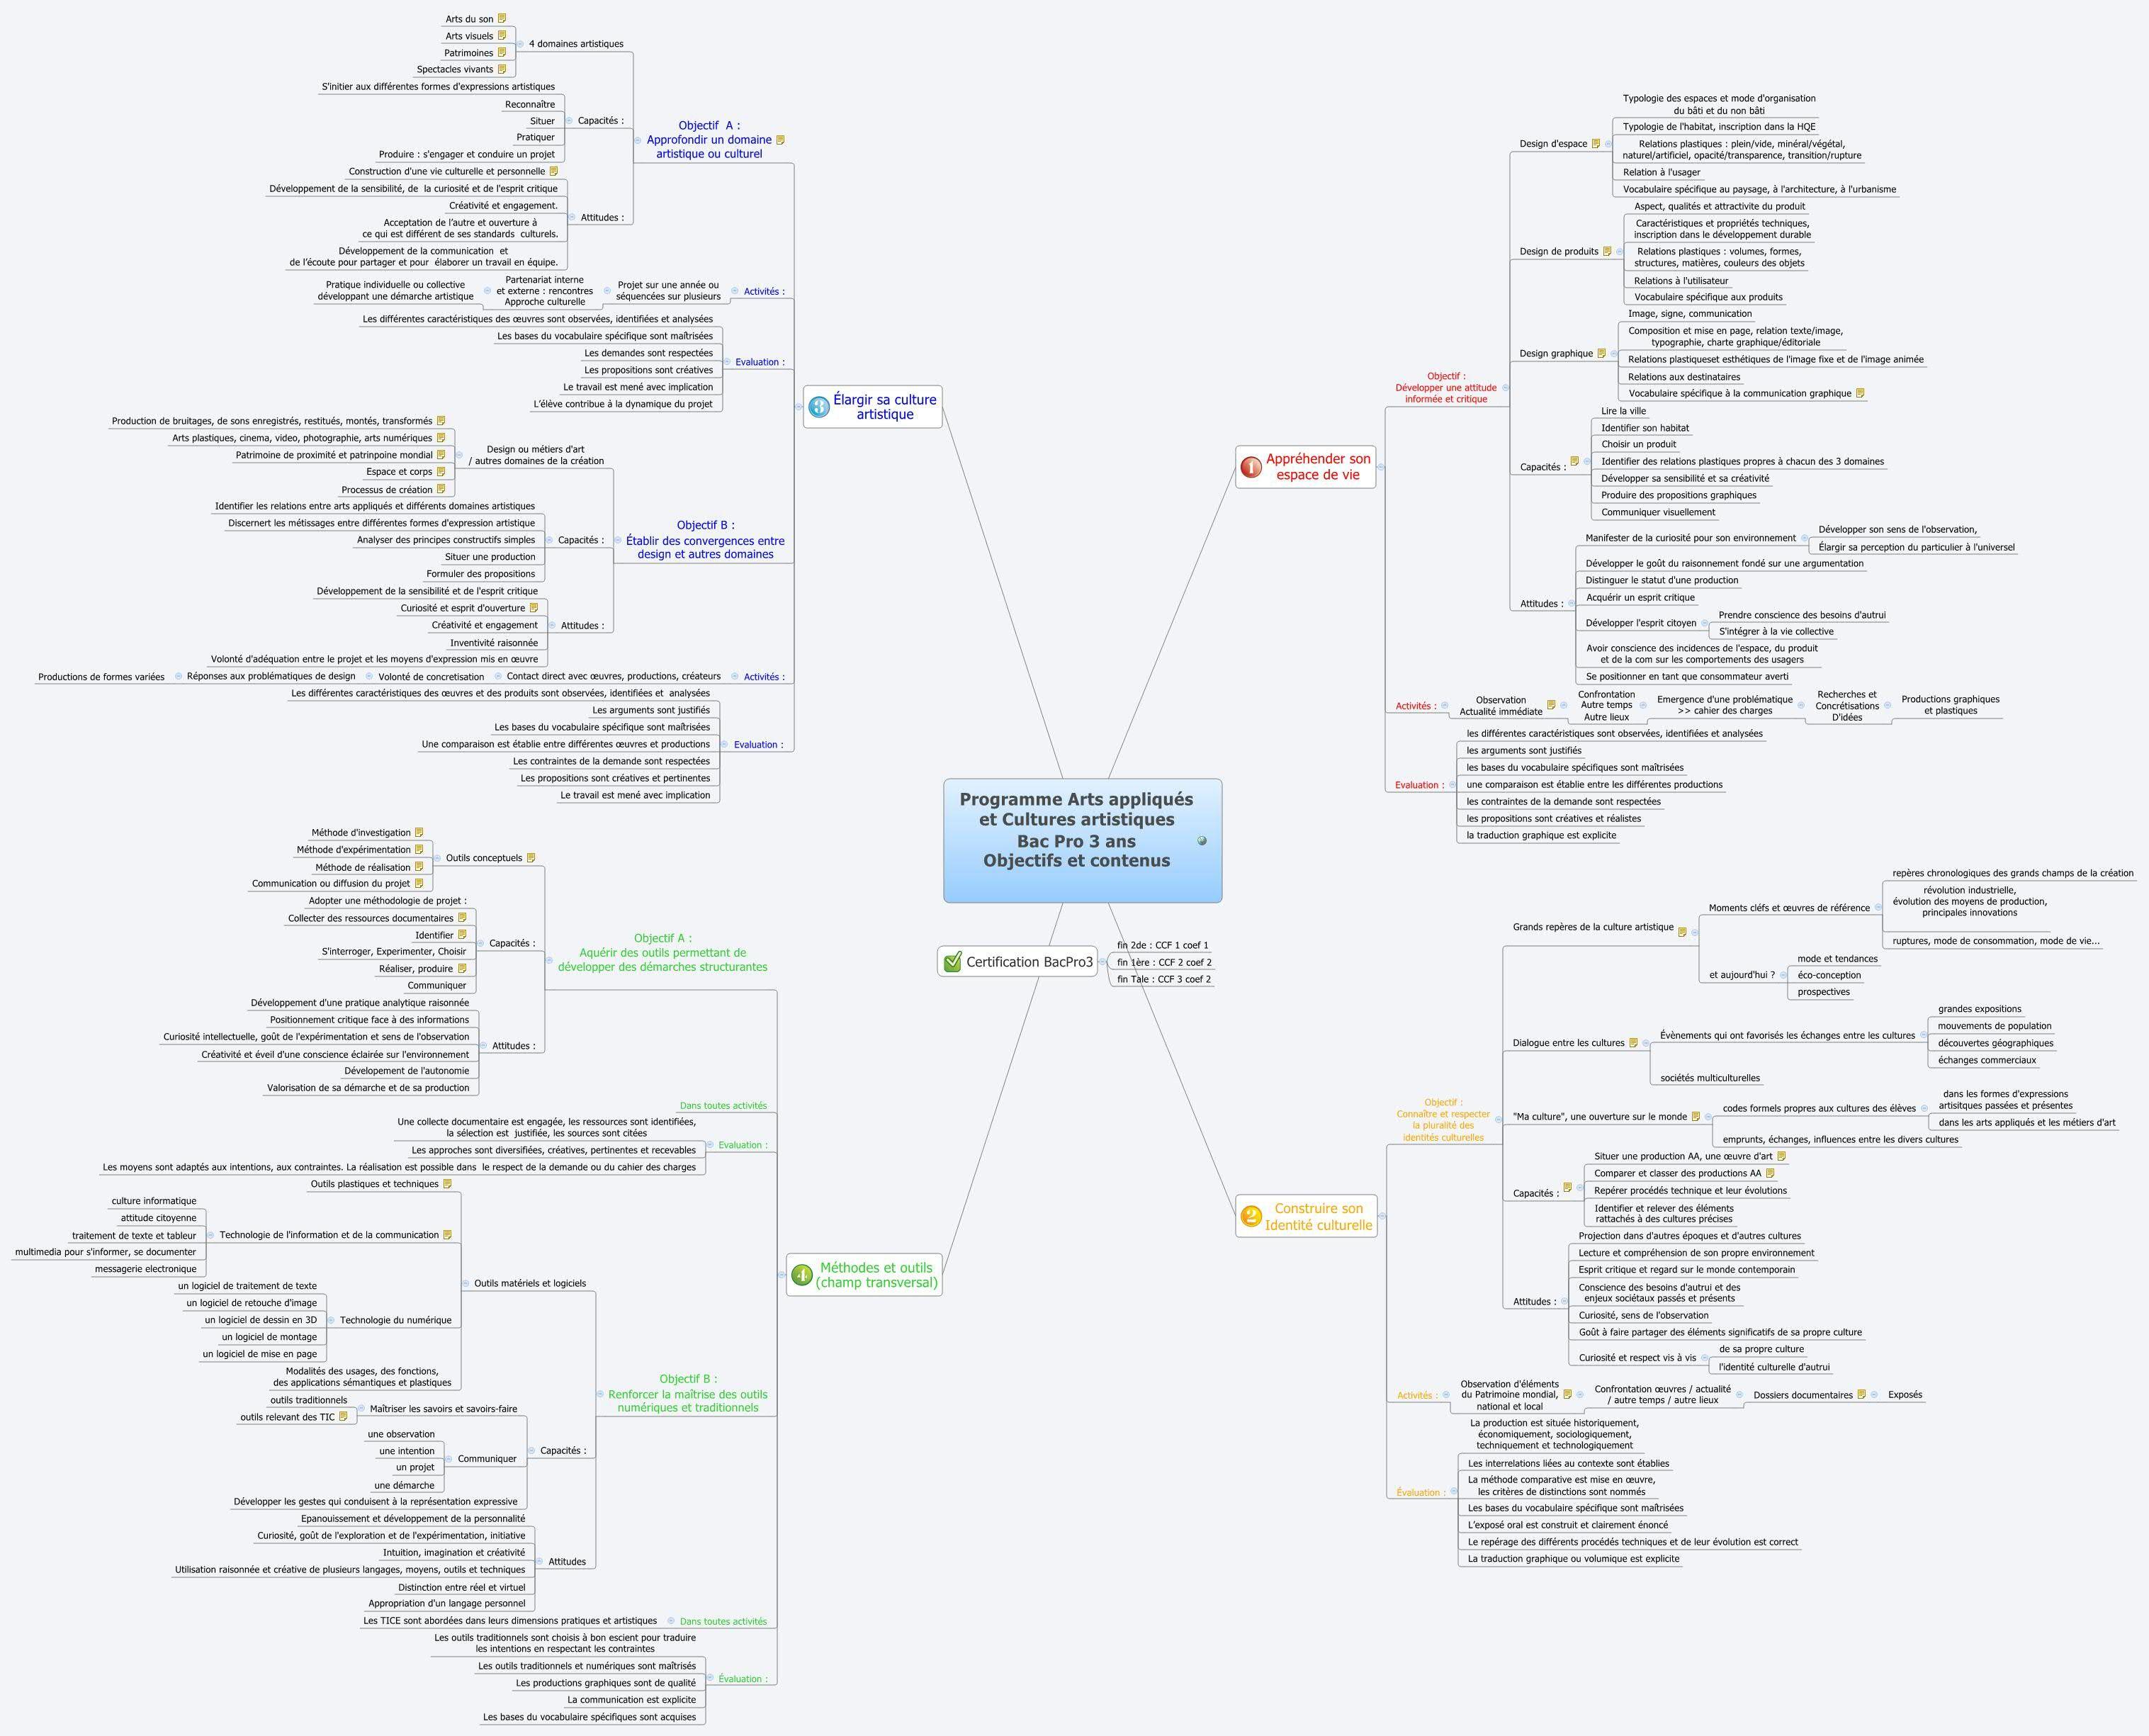 Programme Arts Appliques Et Cultures Artistiques Bac Pro 3 Ans Objectifs Et Contenus Perdir Xmind The Most Professional Mind Art Applique Programme Art